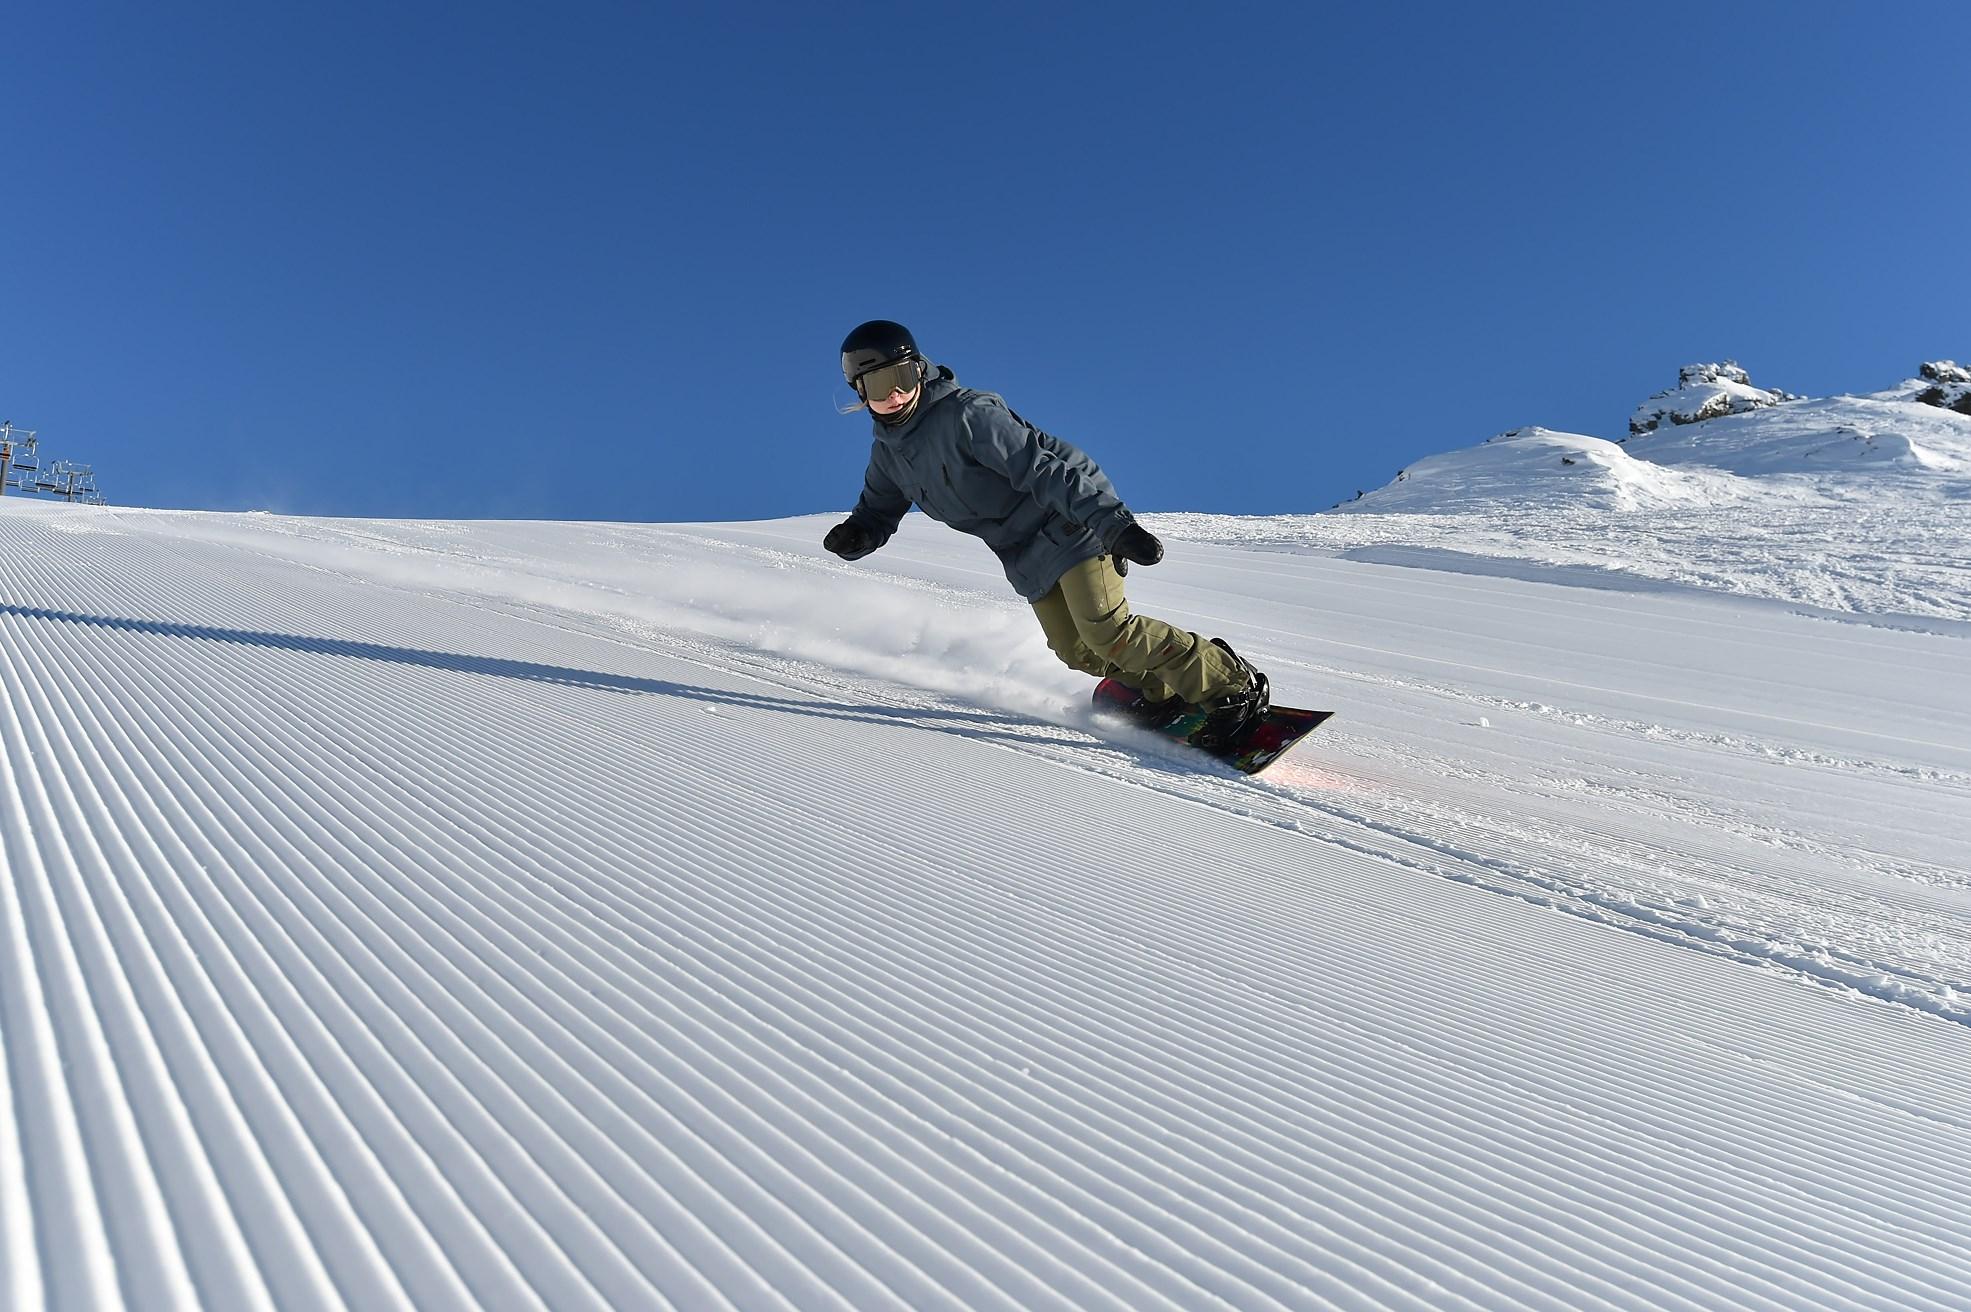 Картинки по запросу snowboarding